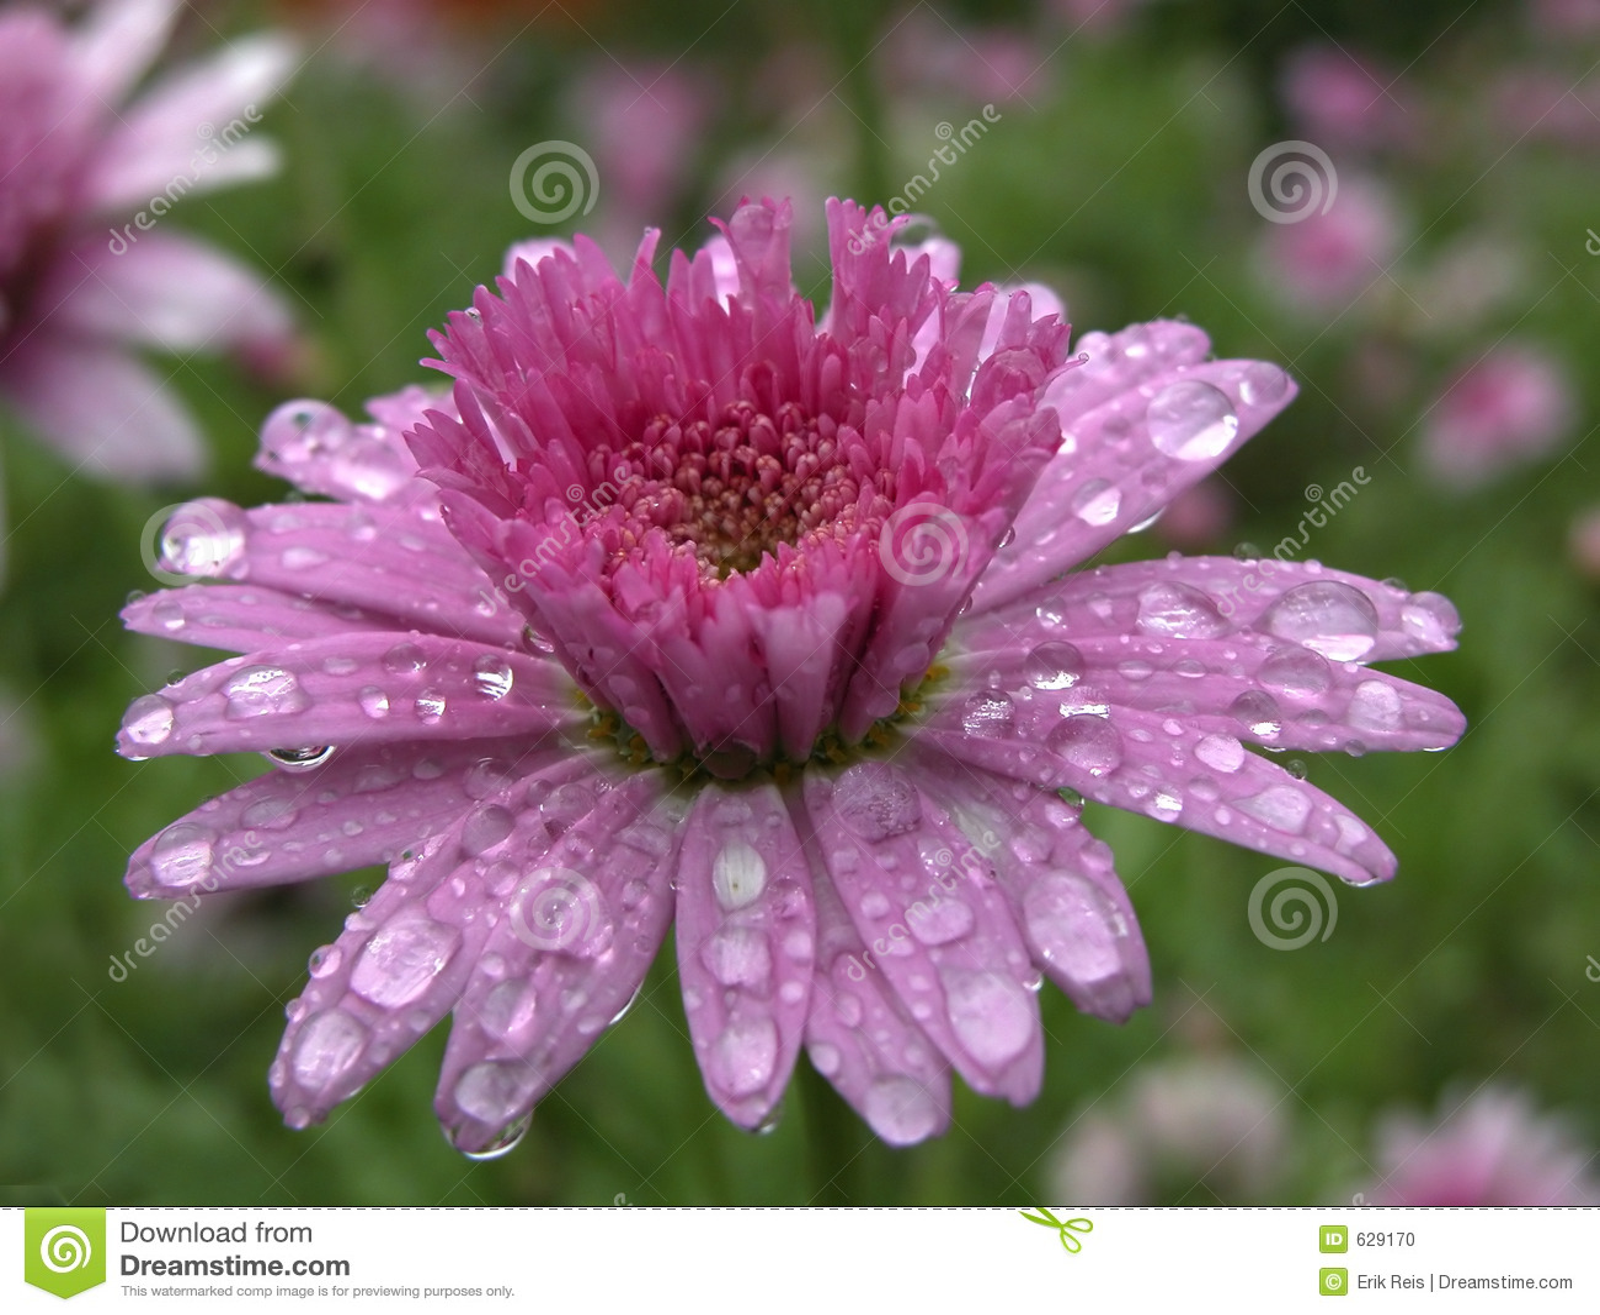 Download весна цветка стоковое фото. изображение насчитывающей промахов - 629170